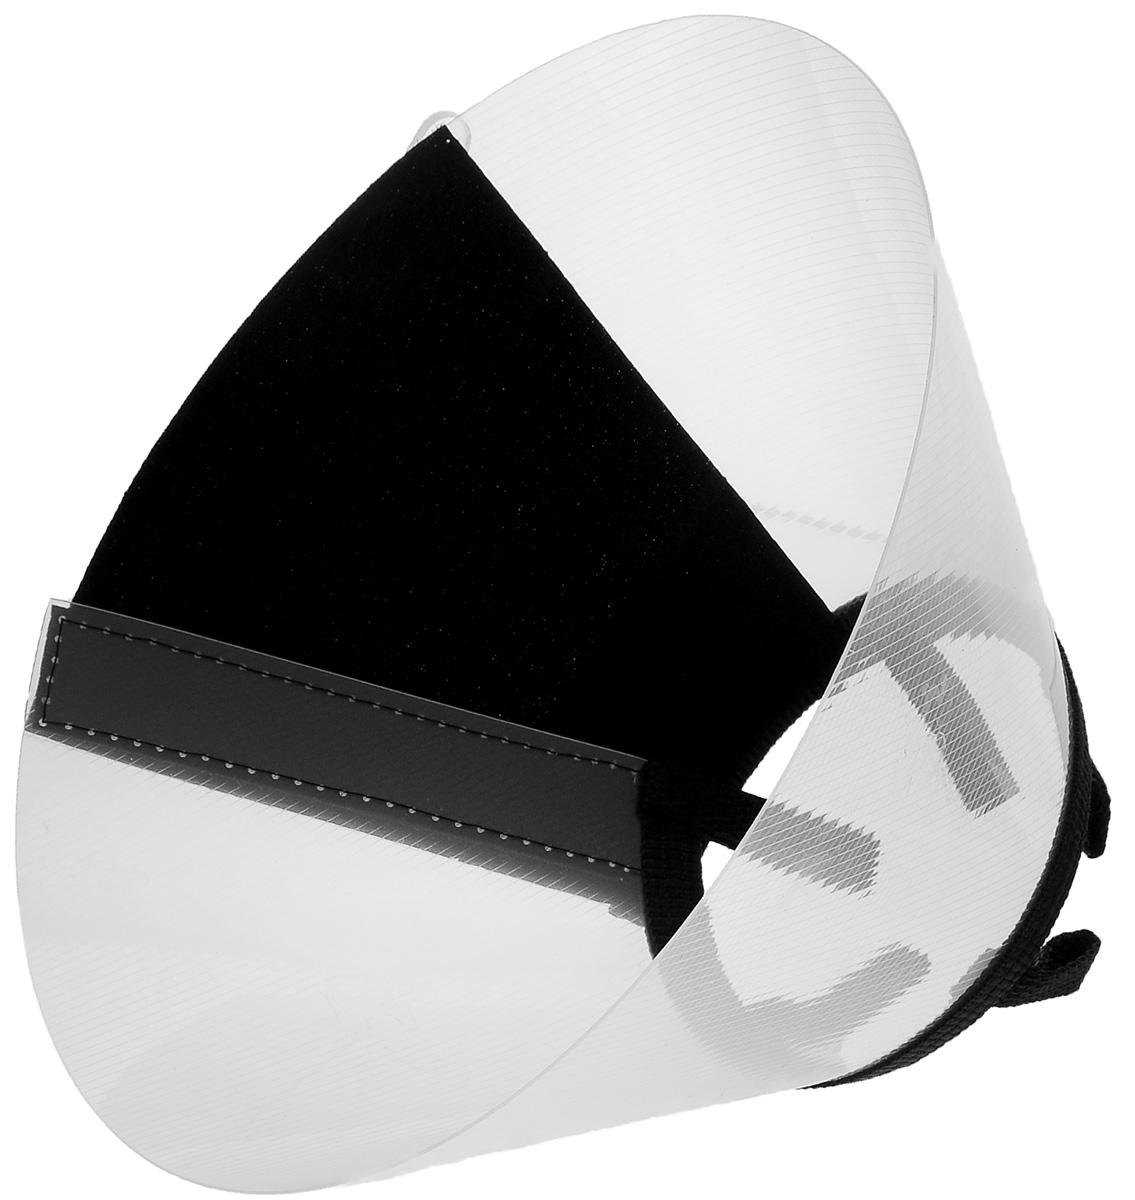 Воротник защитный Талисмед, на липучке, обхват шеи 24-29 см24851Защитный воротник Талисмед изготовлен из высококачественного нетоксичного пластика, который позволяет сохранять углы обзора для животного. Изделие разработано для ограничения доступа собаки к заживающей ране или послеоперационному шву. Простота в эксплуатации позволяет хозяевам самостоятельно одевать и снимать защитный воротник с собаки. Воротник крепится закрепляется при помощи липучки. Обхват шеи: 24-29 см. Высота воротника: 10,5 см.